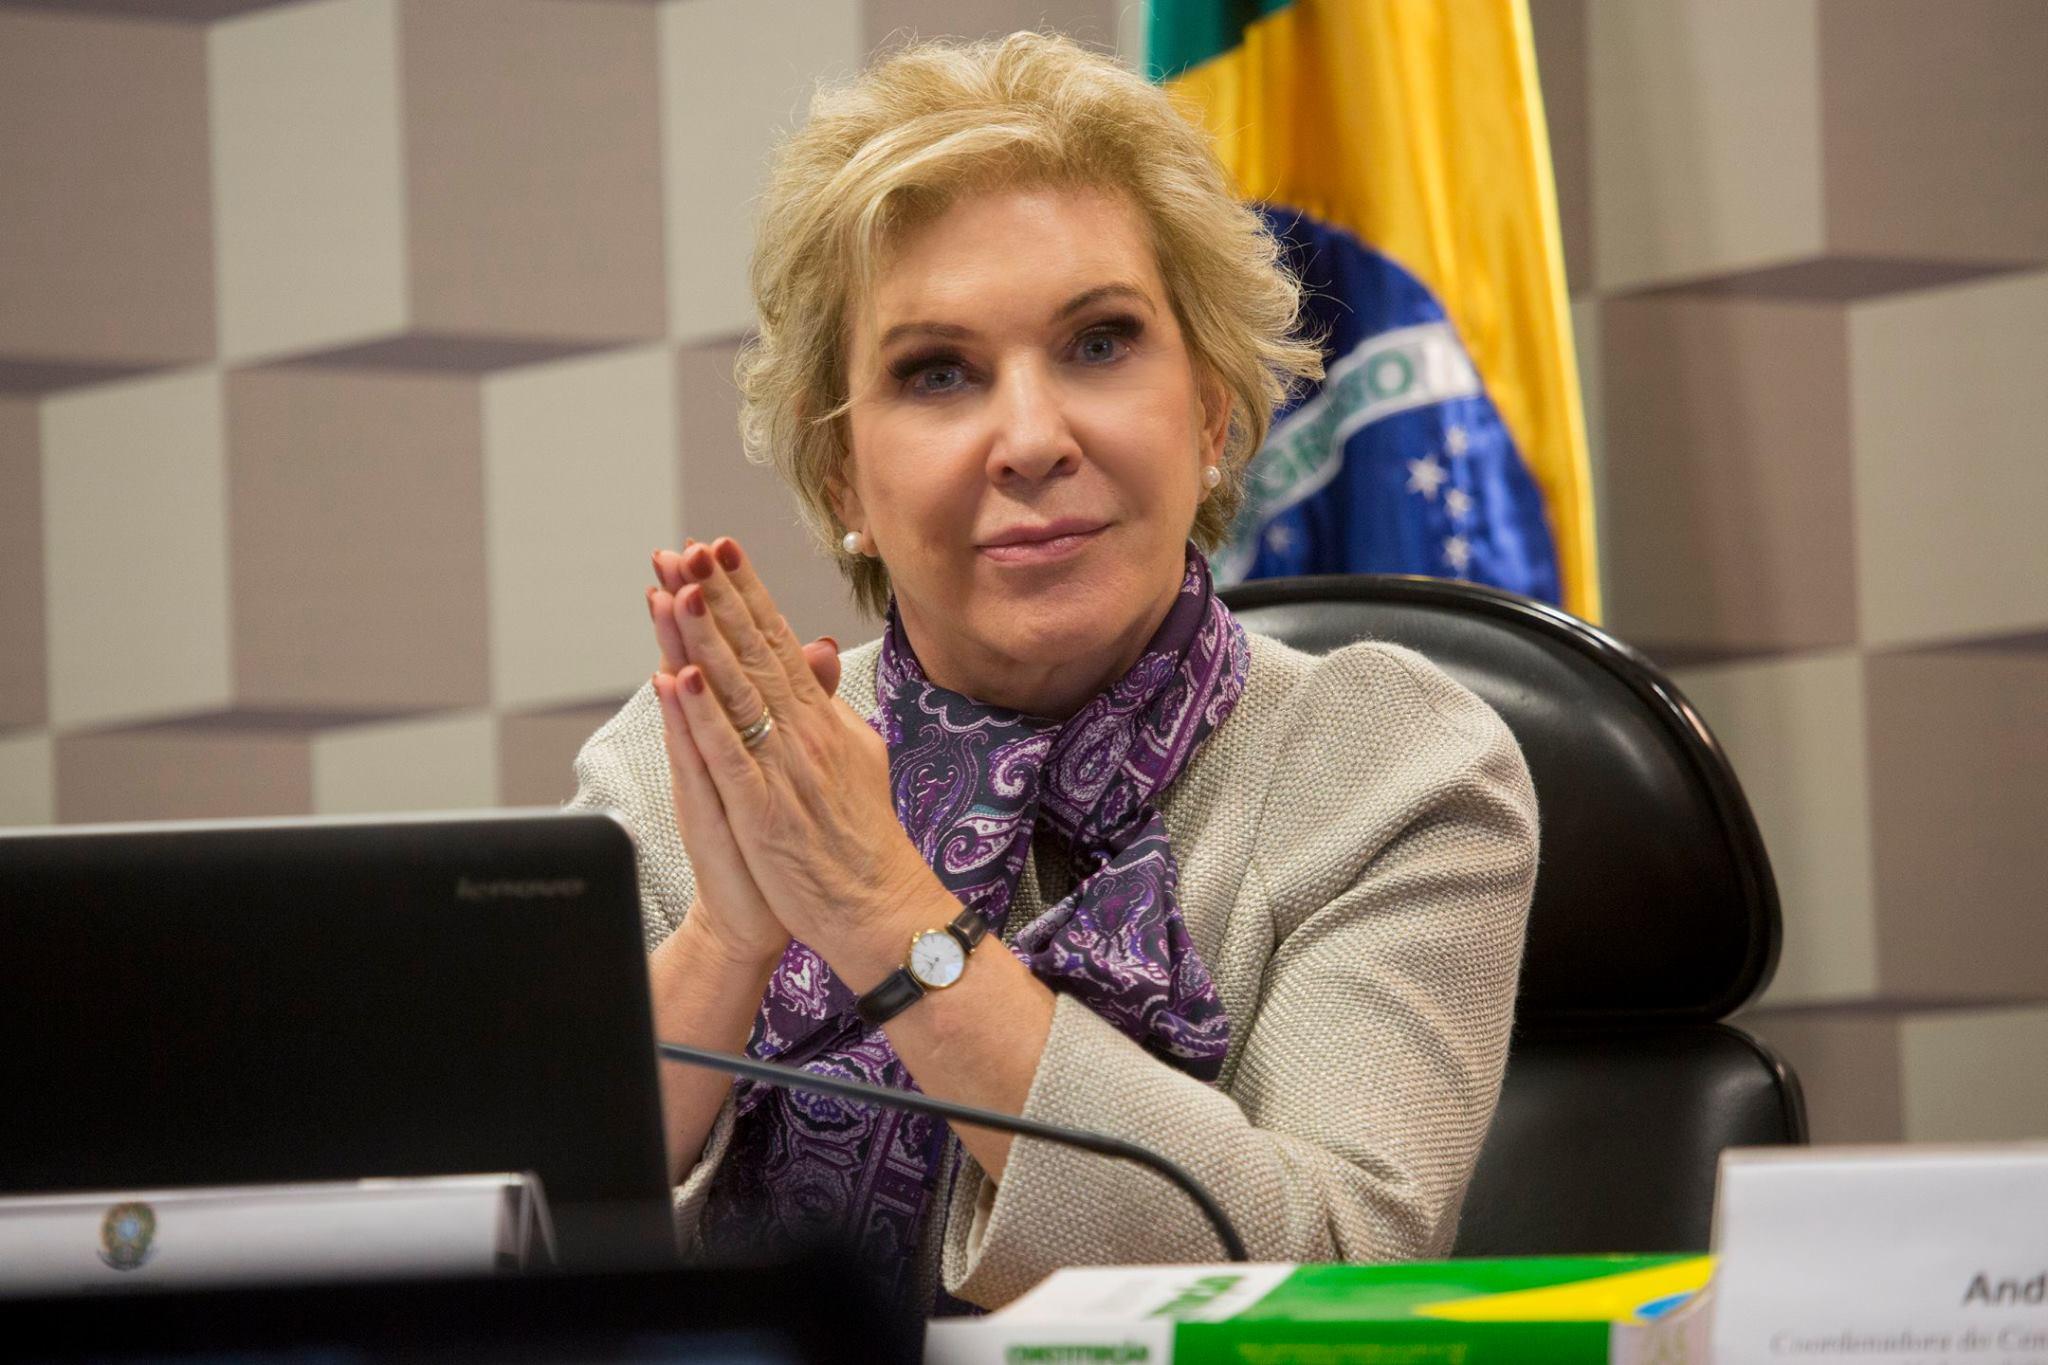 agradecimento-a-ex-senadora-marta-suplicy - Acao Comunicativa